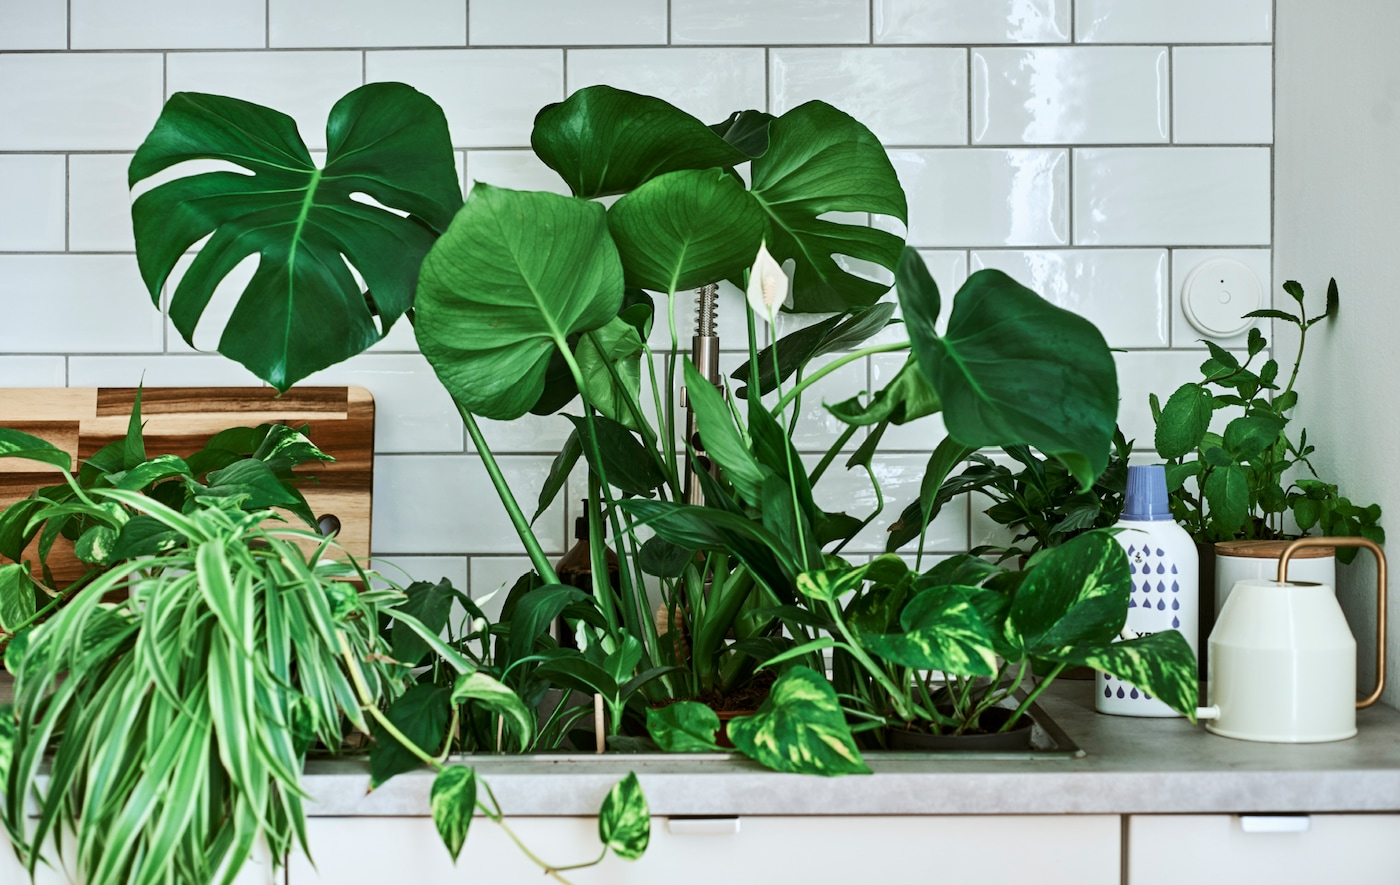 نباتات منزلية، تتضمن المونستيرة وزنبق السلام، في حوض مع إبريق سقي وطعام نباتات على السطح.